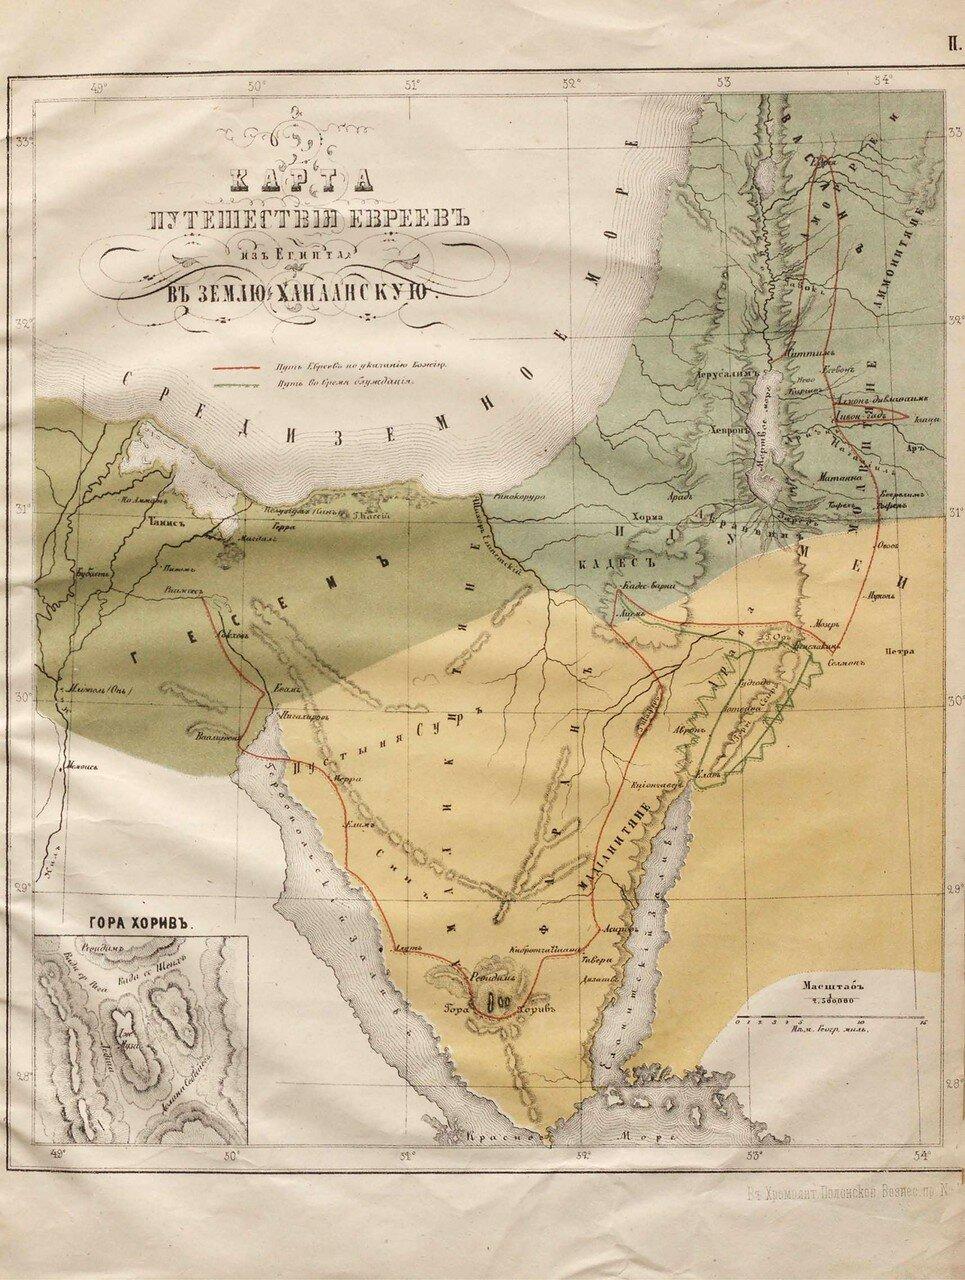 02. Карта Путешествия евреев из Египта в Землю Ханаанскую